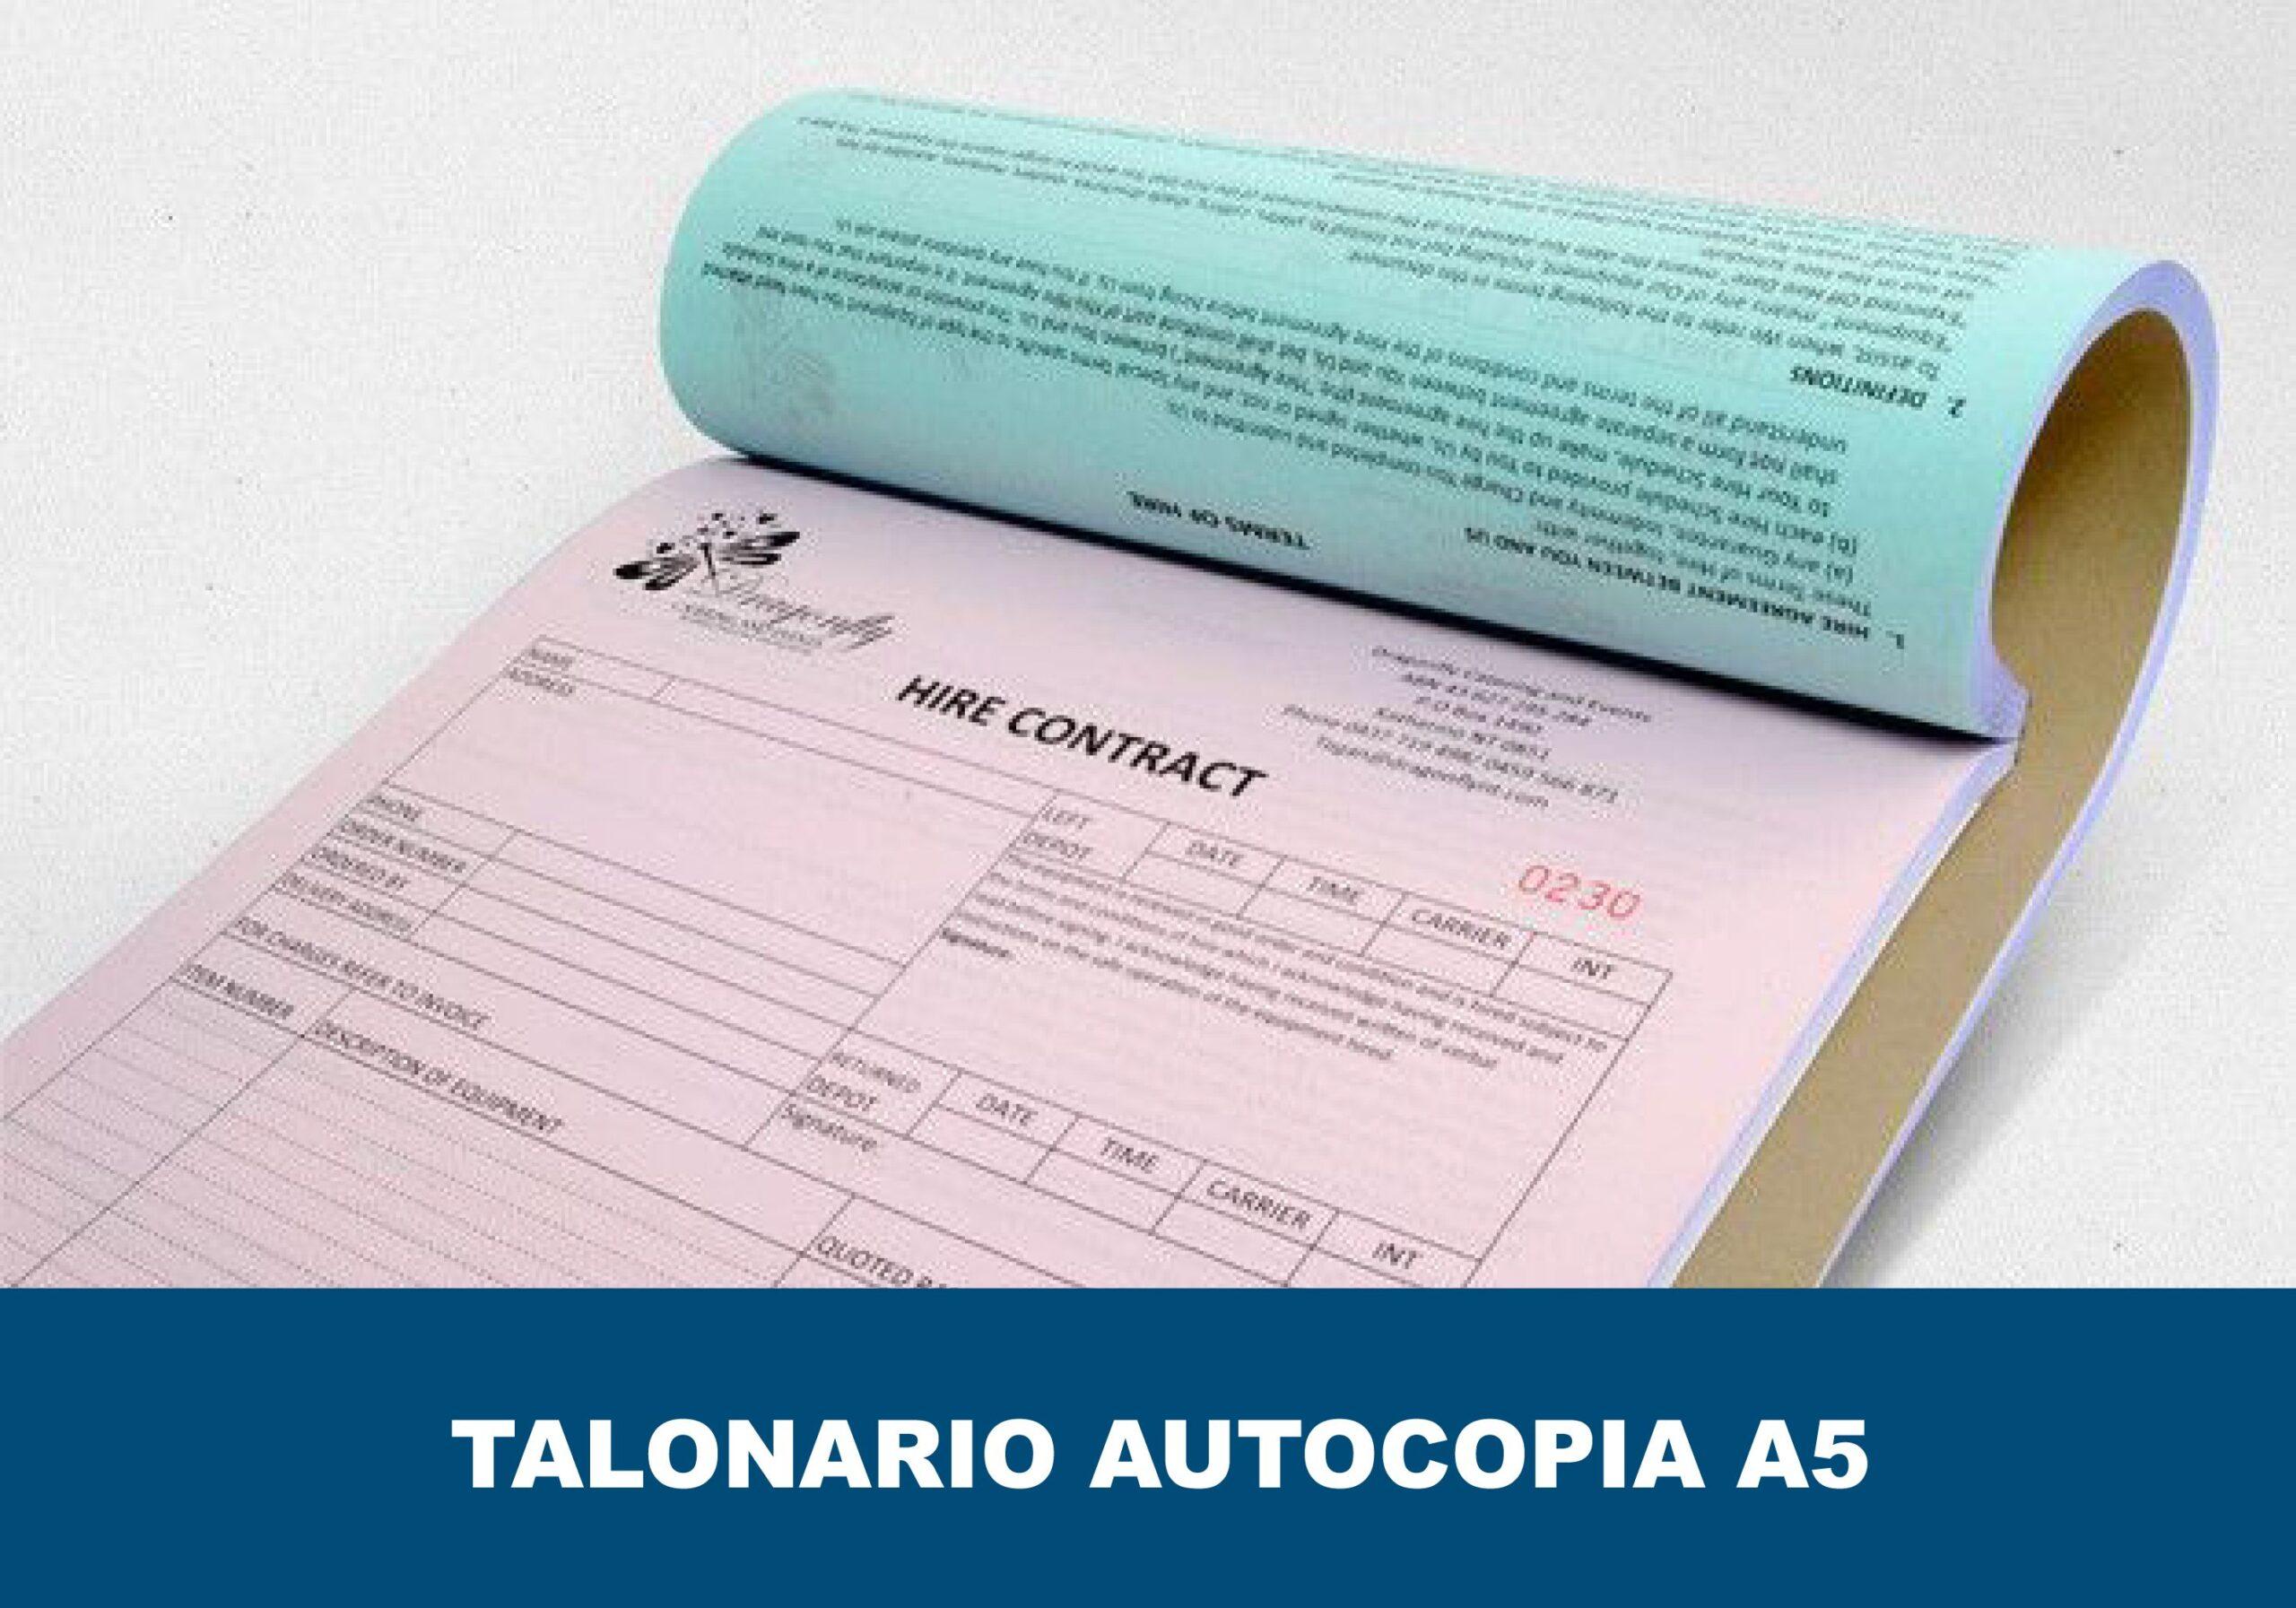 Talonarios autocopiativos encolados A5